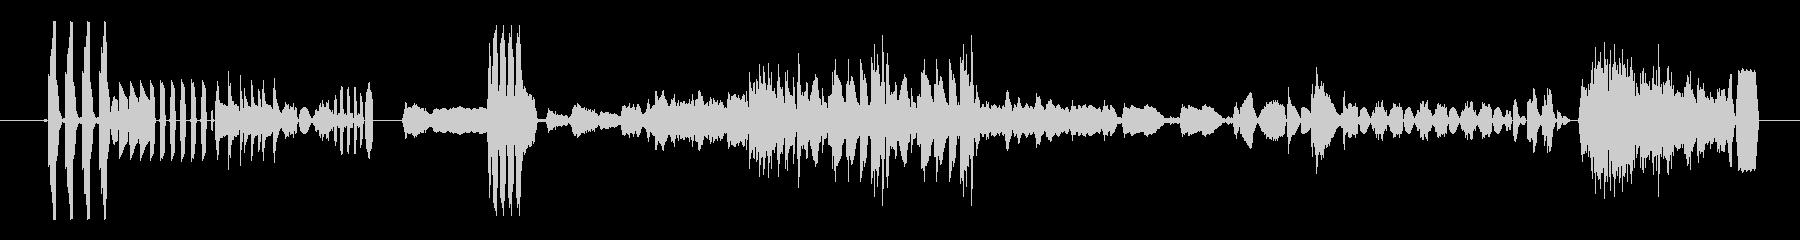 奇抜なデバイスビープ音/高速;音楽...の未再生の波形